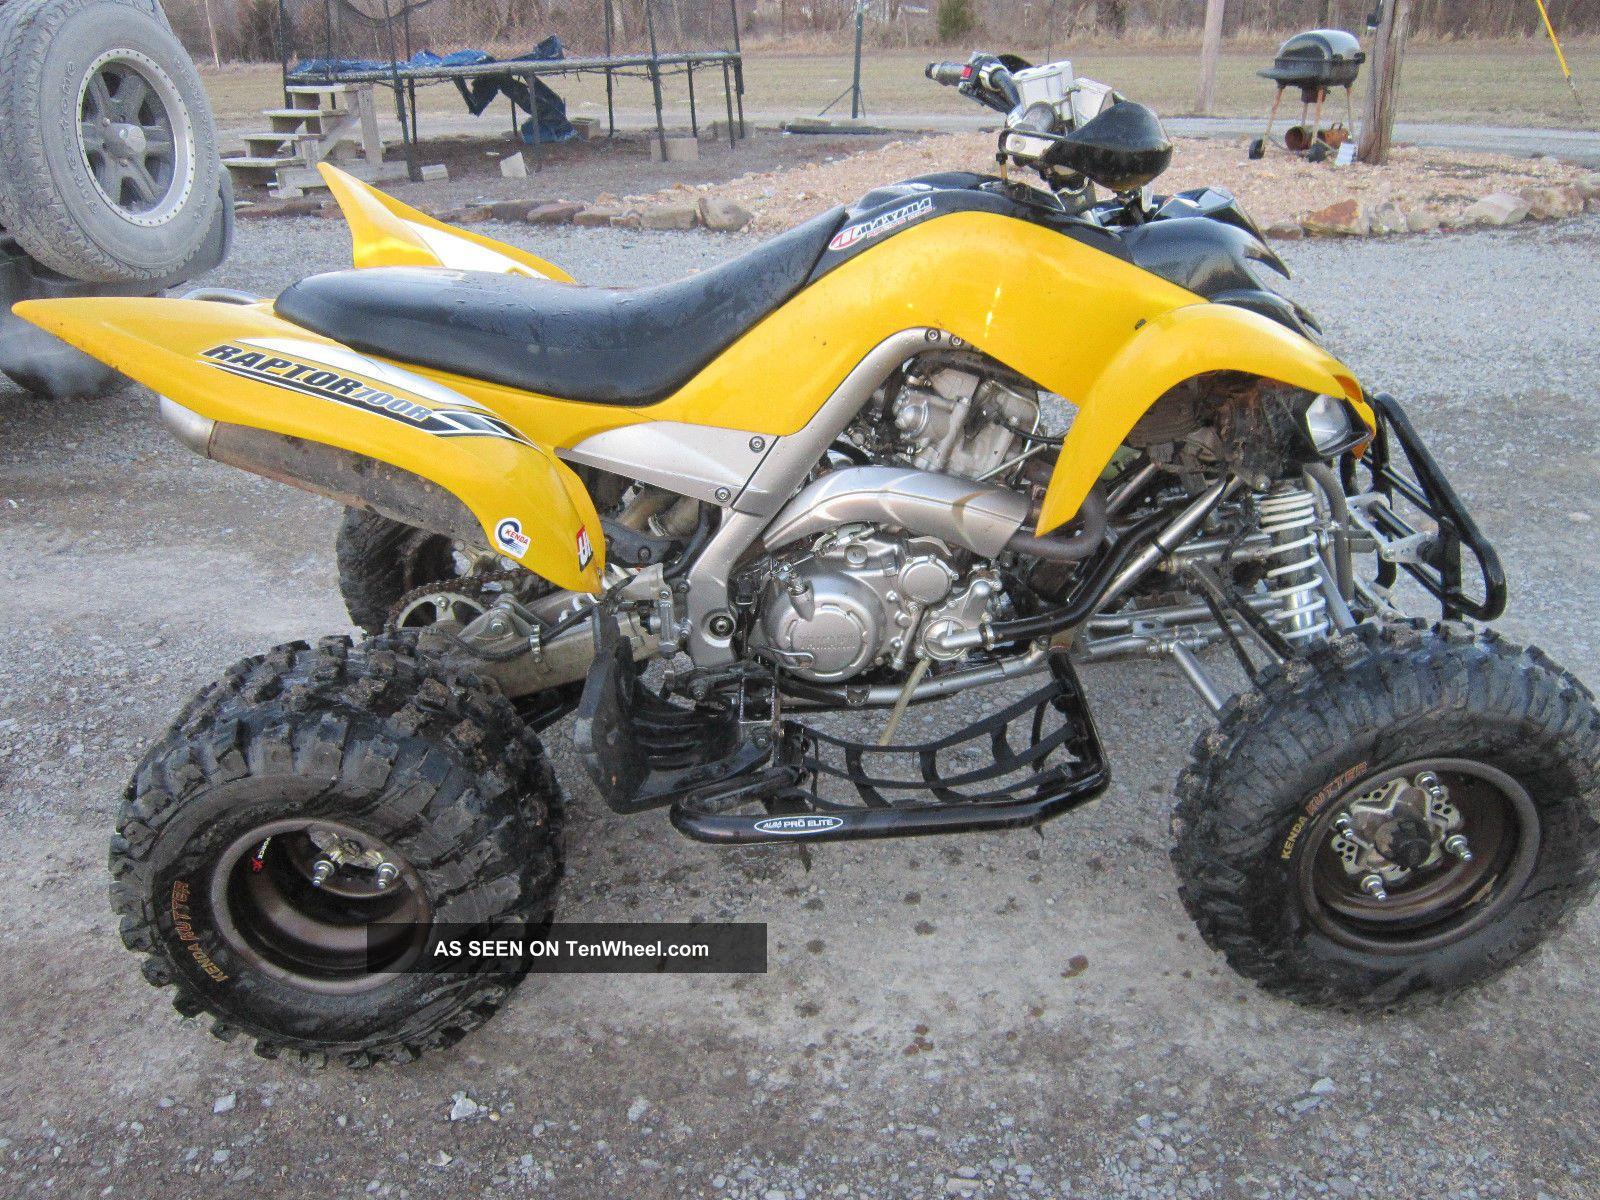 2006 Yamaha 700 Yamaha photo